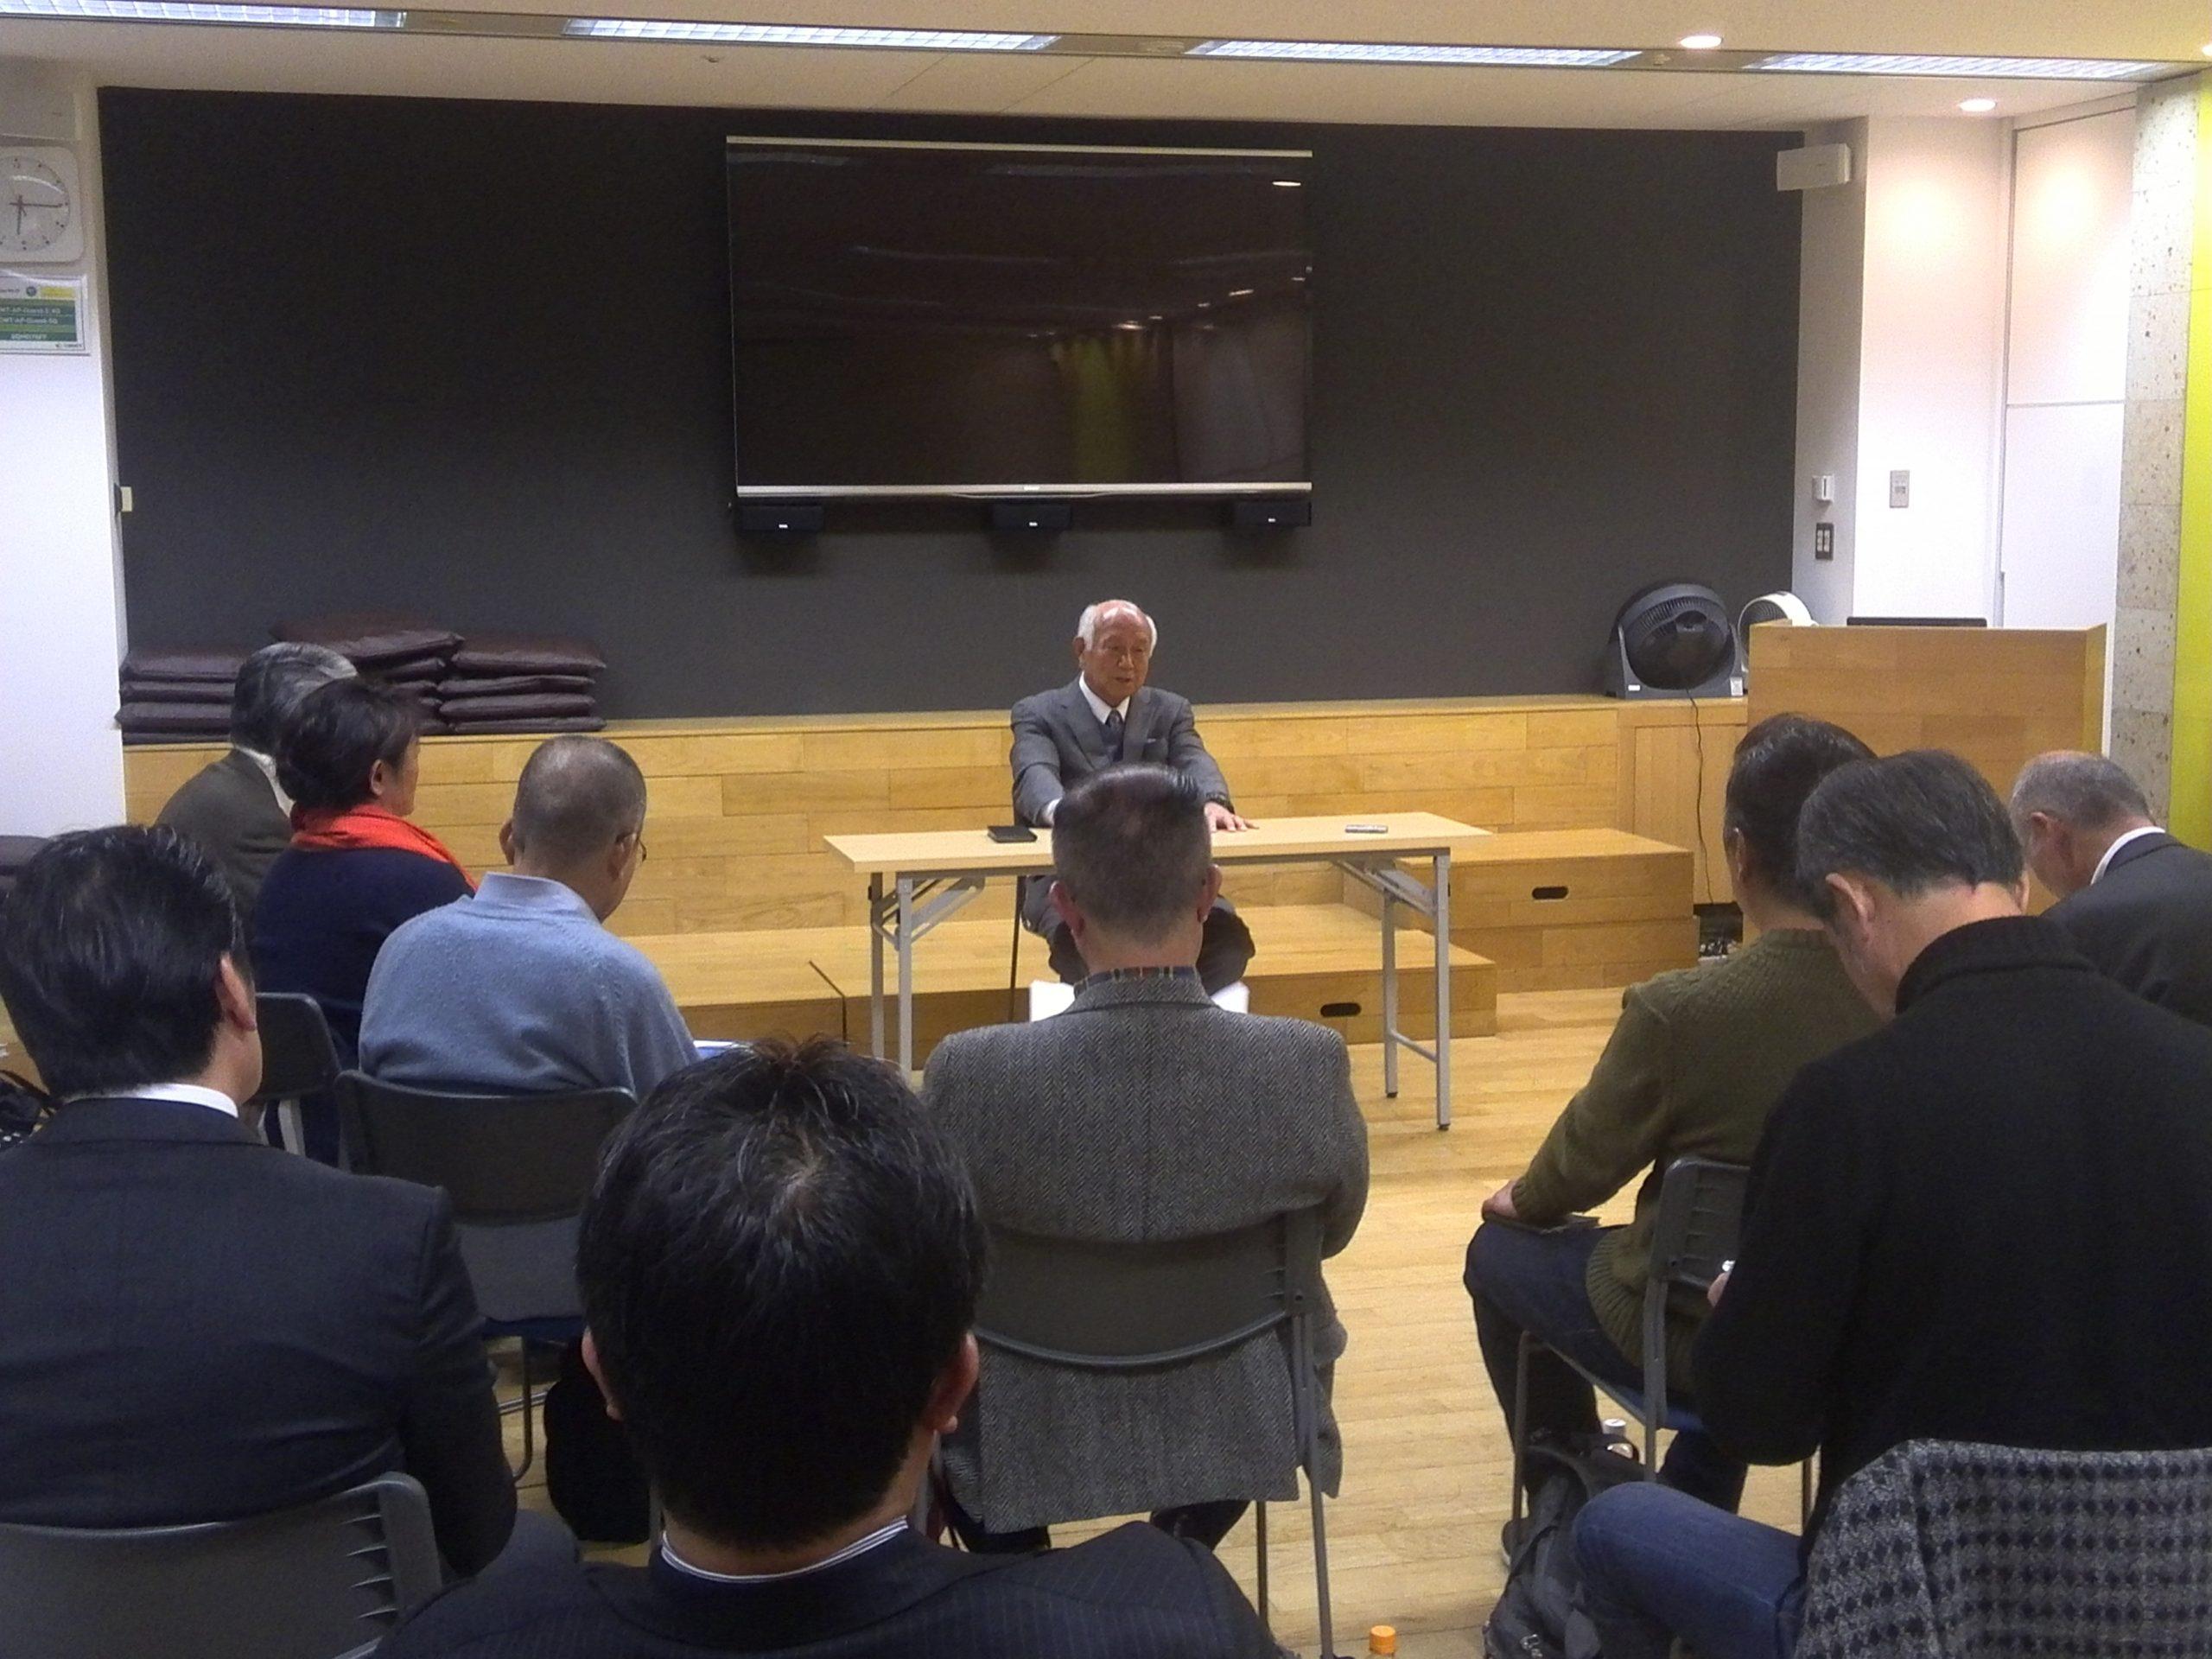 IMG 20110109 143215 scaled - 2019年12月7日(土)第6回東京思風塾「人生の鉄則からの5つの問いとは」をテーマに開催